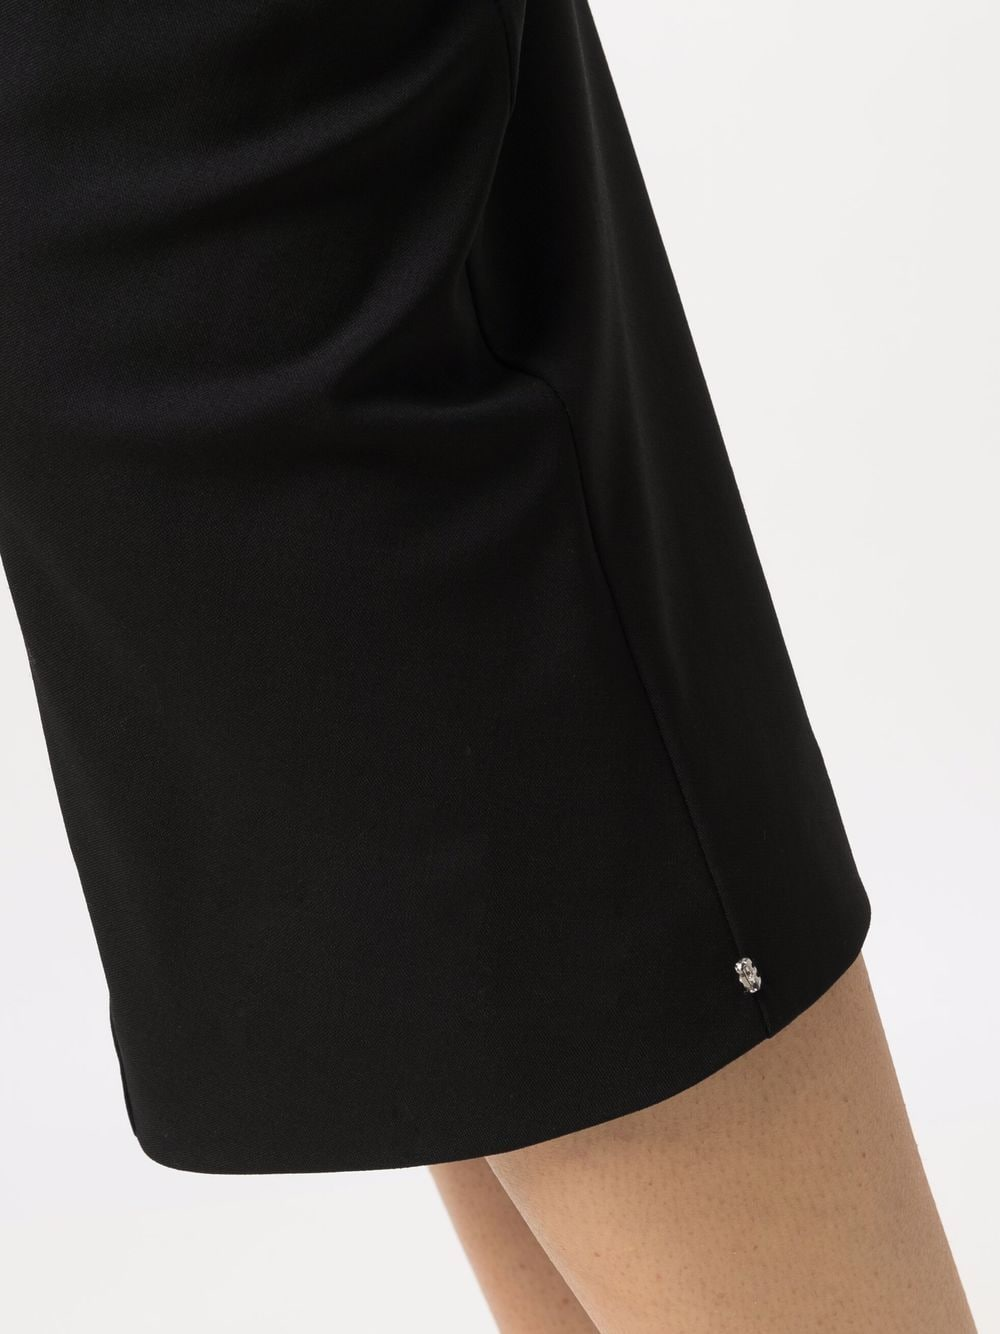 SPORTMAX | Skirt | GLENN002